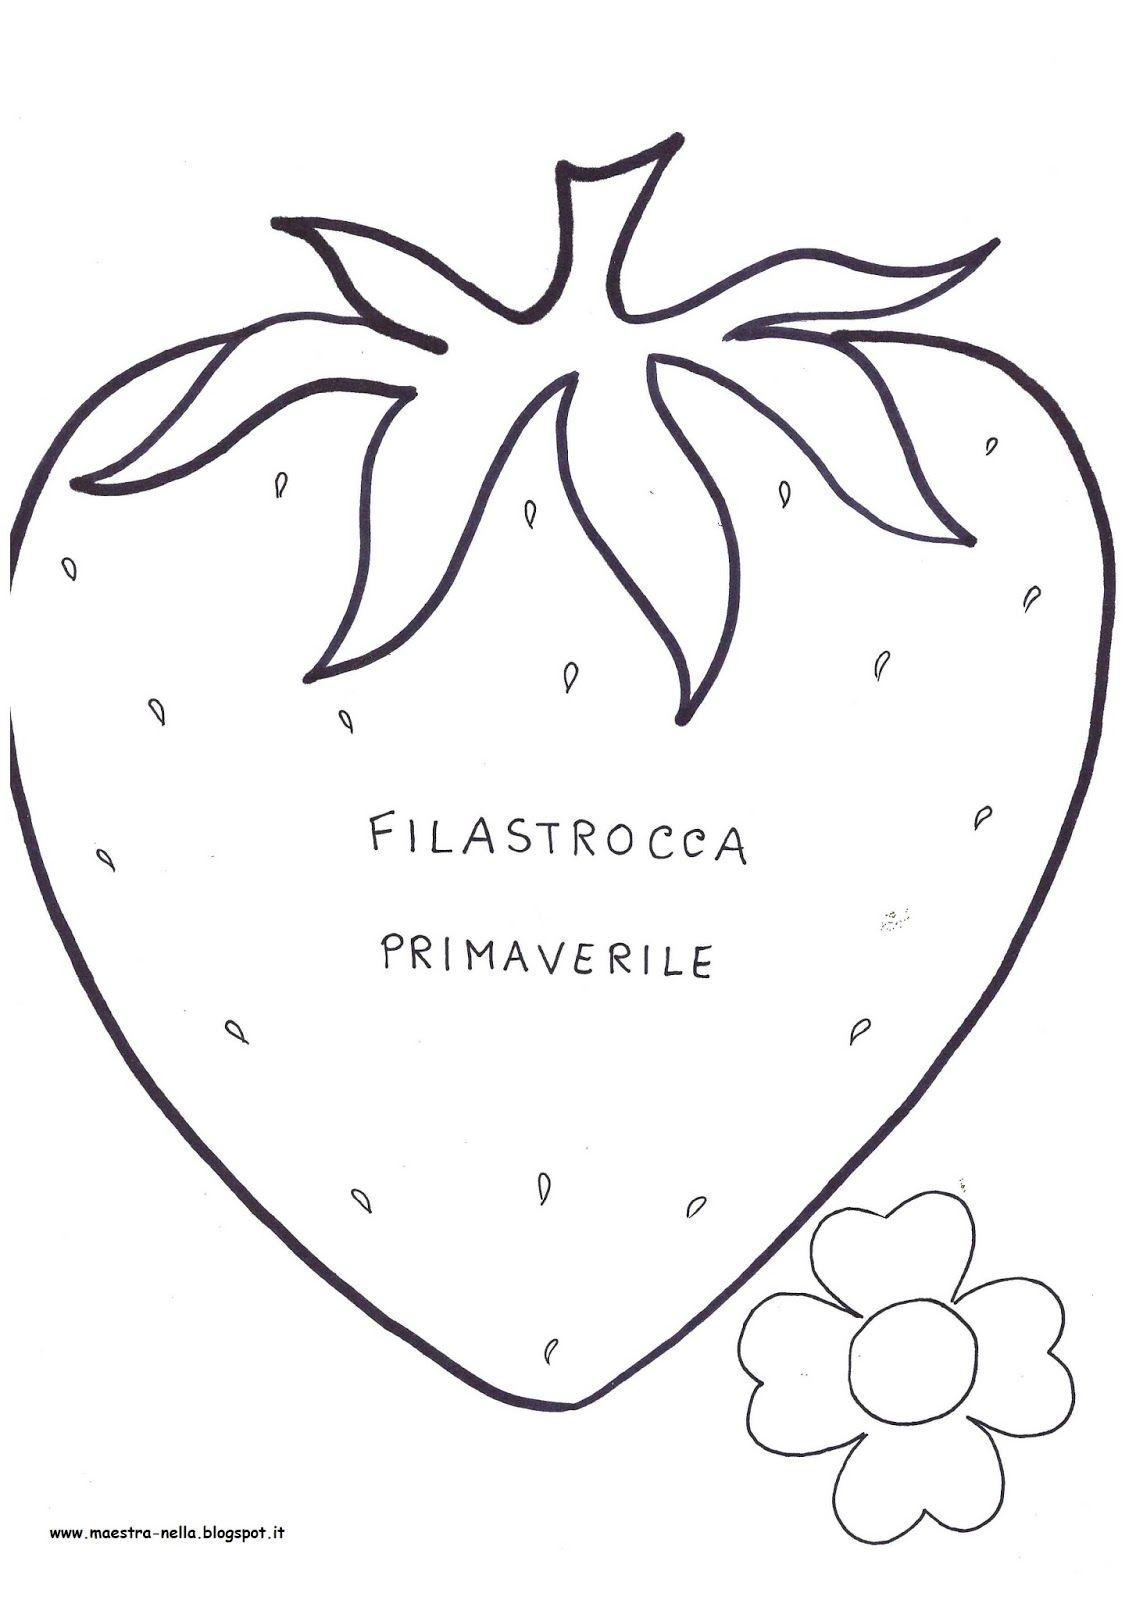 Libretto Filastrocca Primaverile Filastrocche Le Idee Della